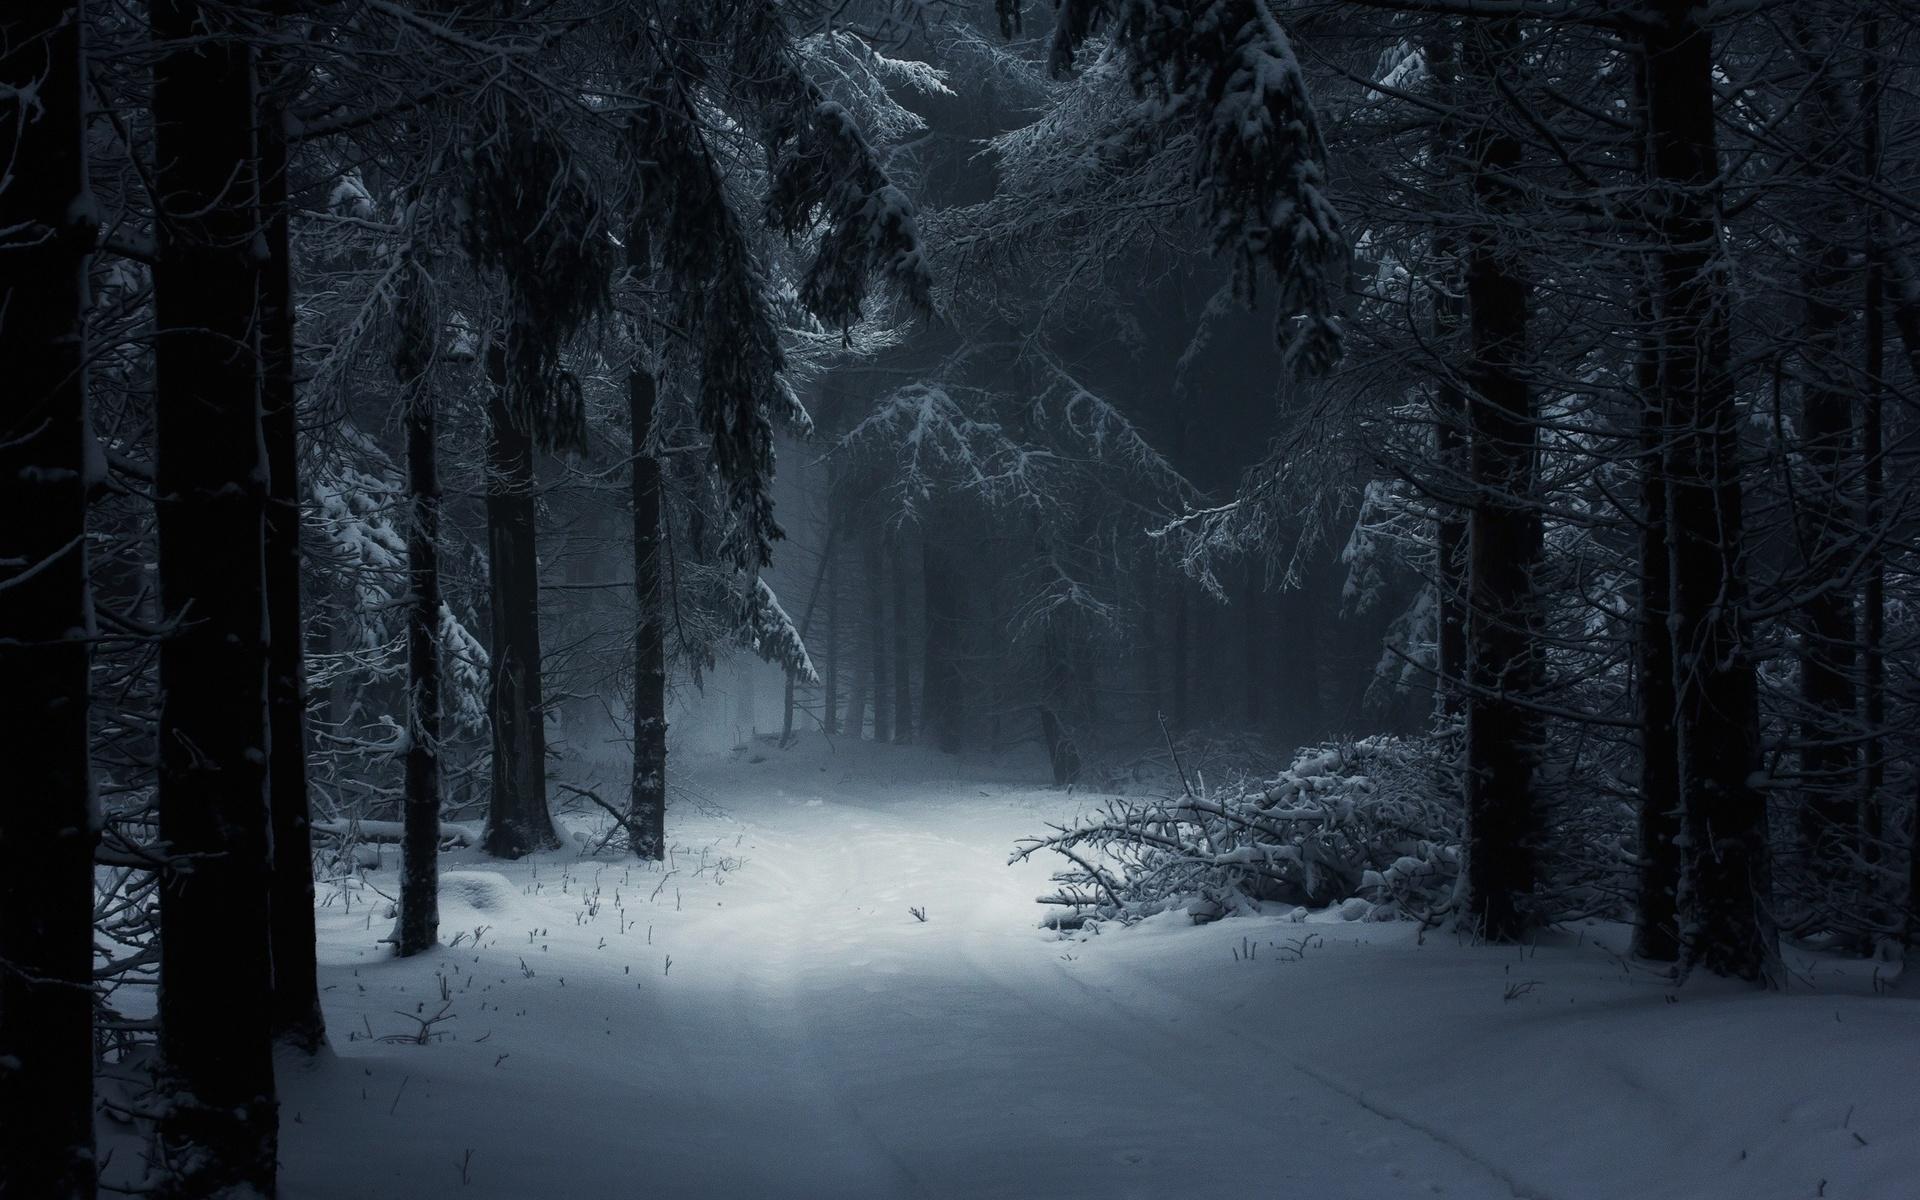 фото в лесу ночью зимой северного